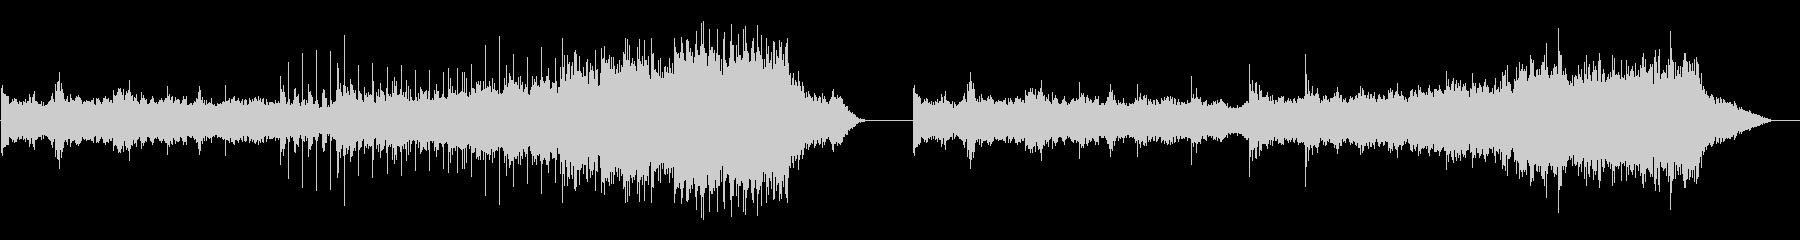 現代の交響曲 劇的な 神経質 エー...の未再生の波形